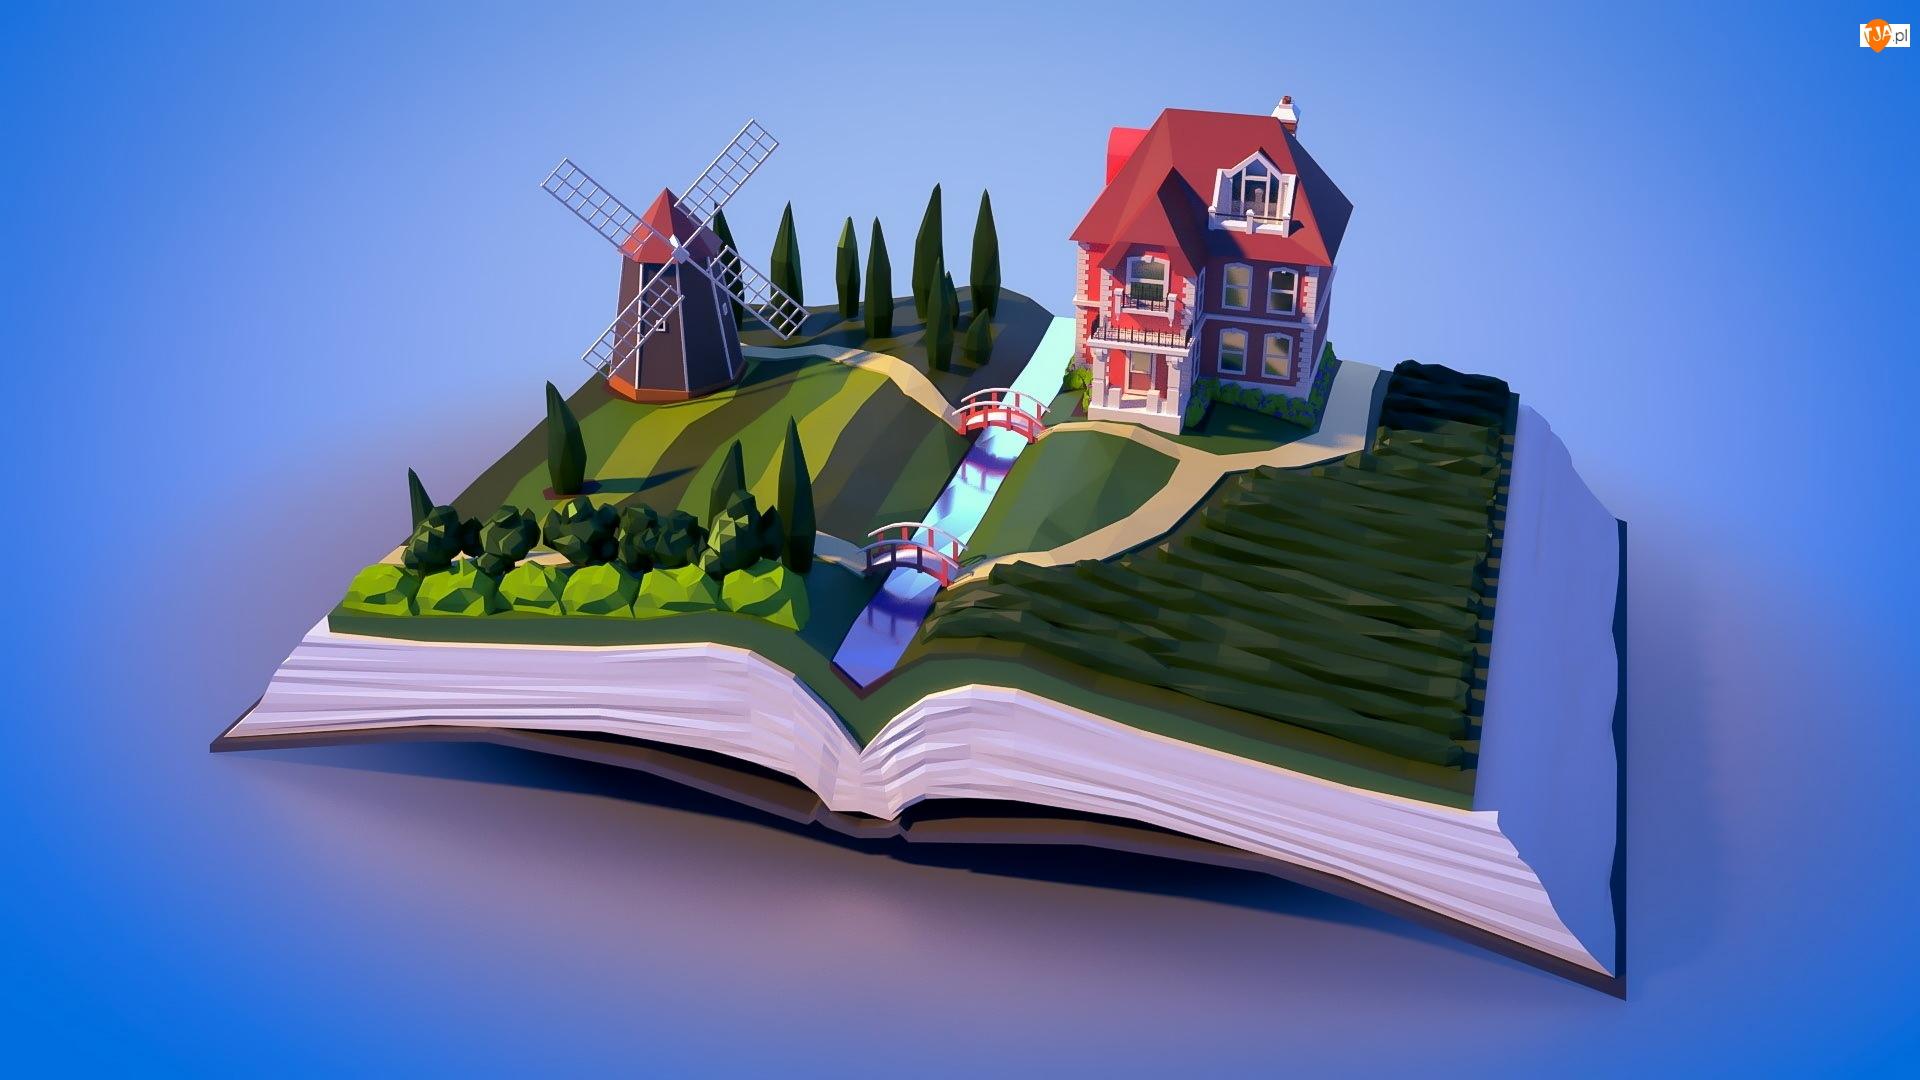 Wiatrak, 3D, Rzeka, Książka, Dom